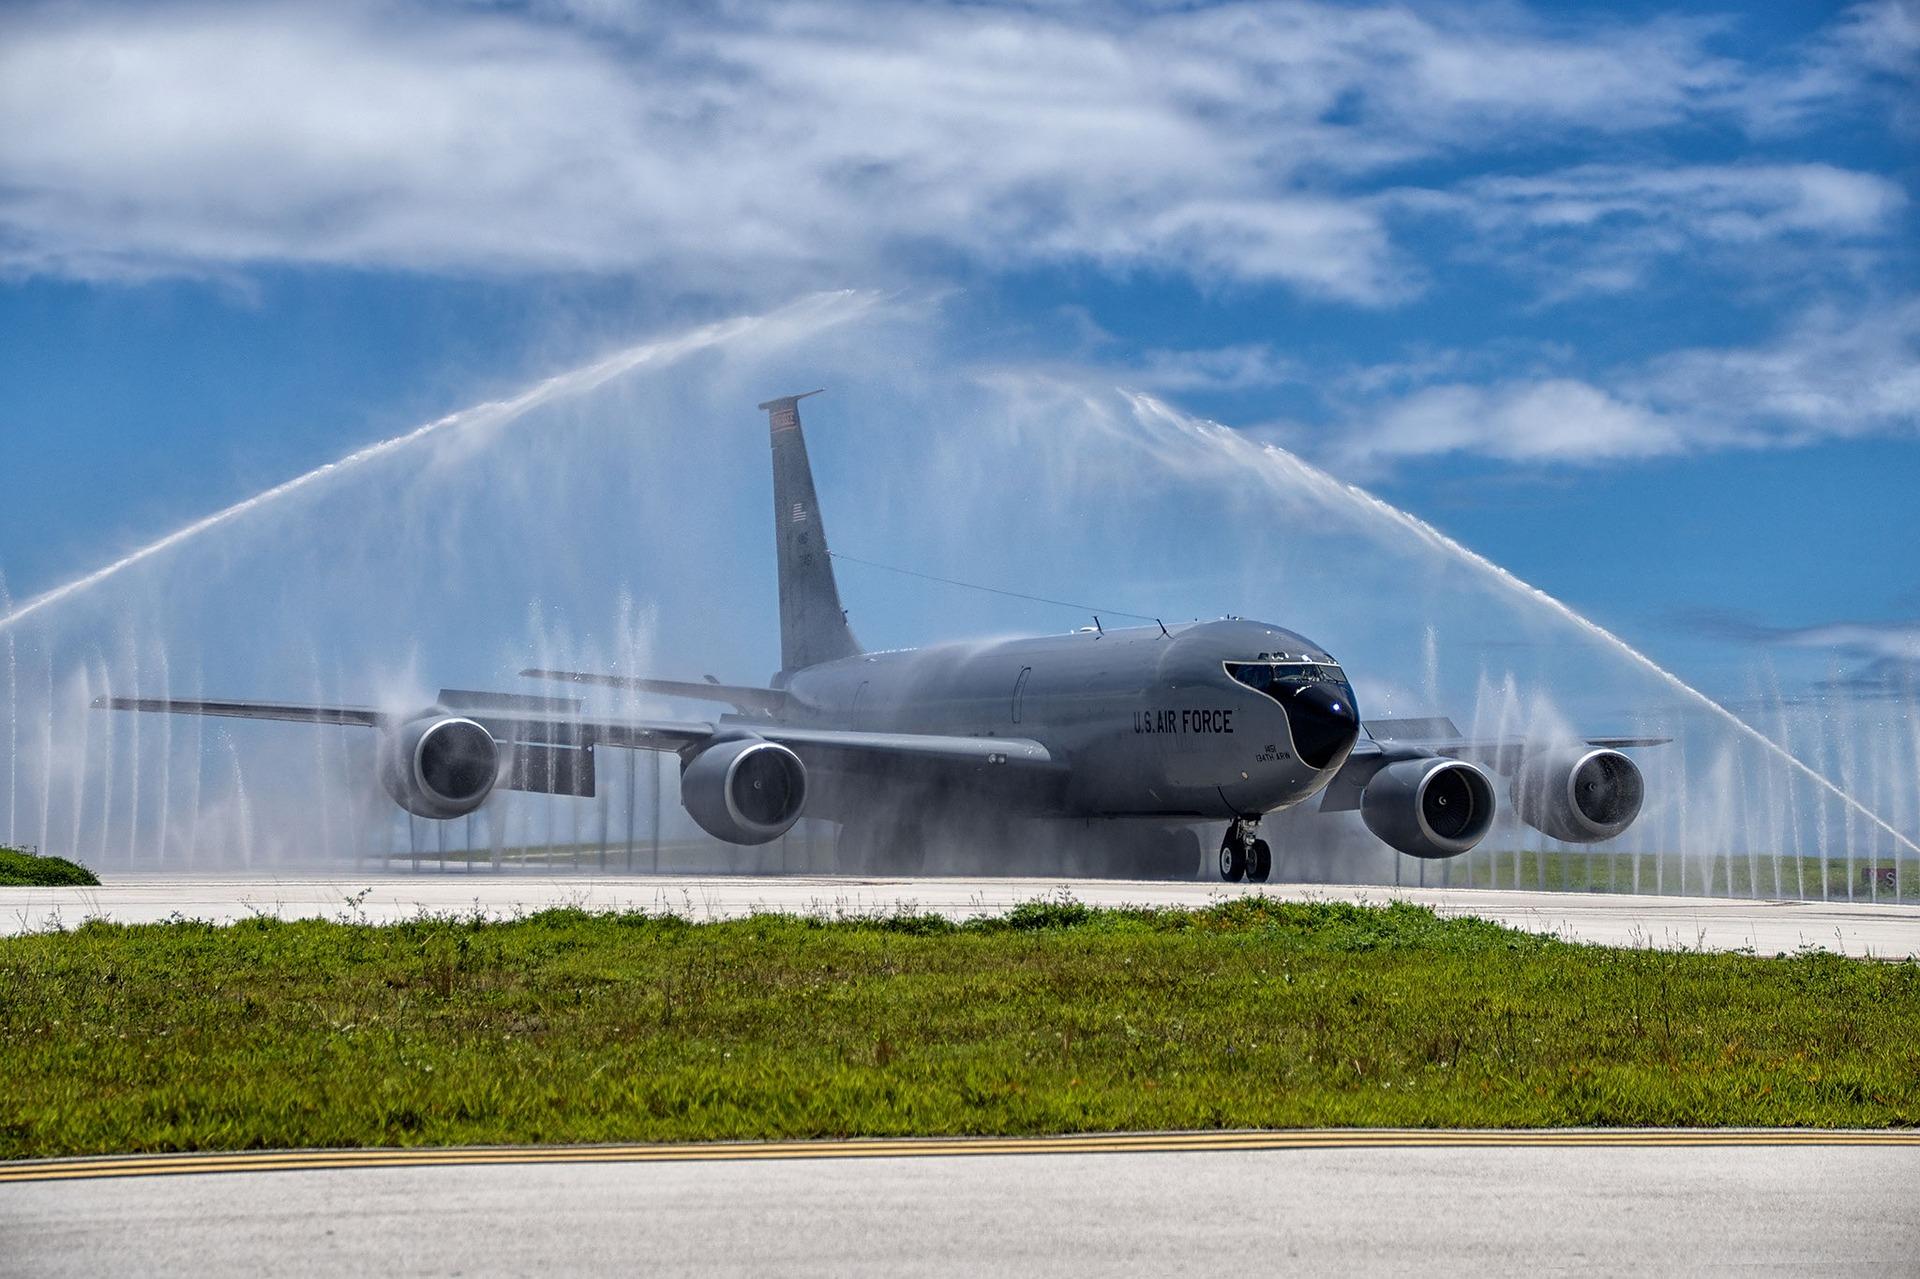 צריכת מים לתחזוקת מטוסים